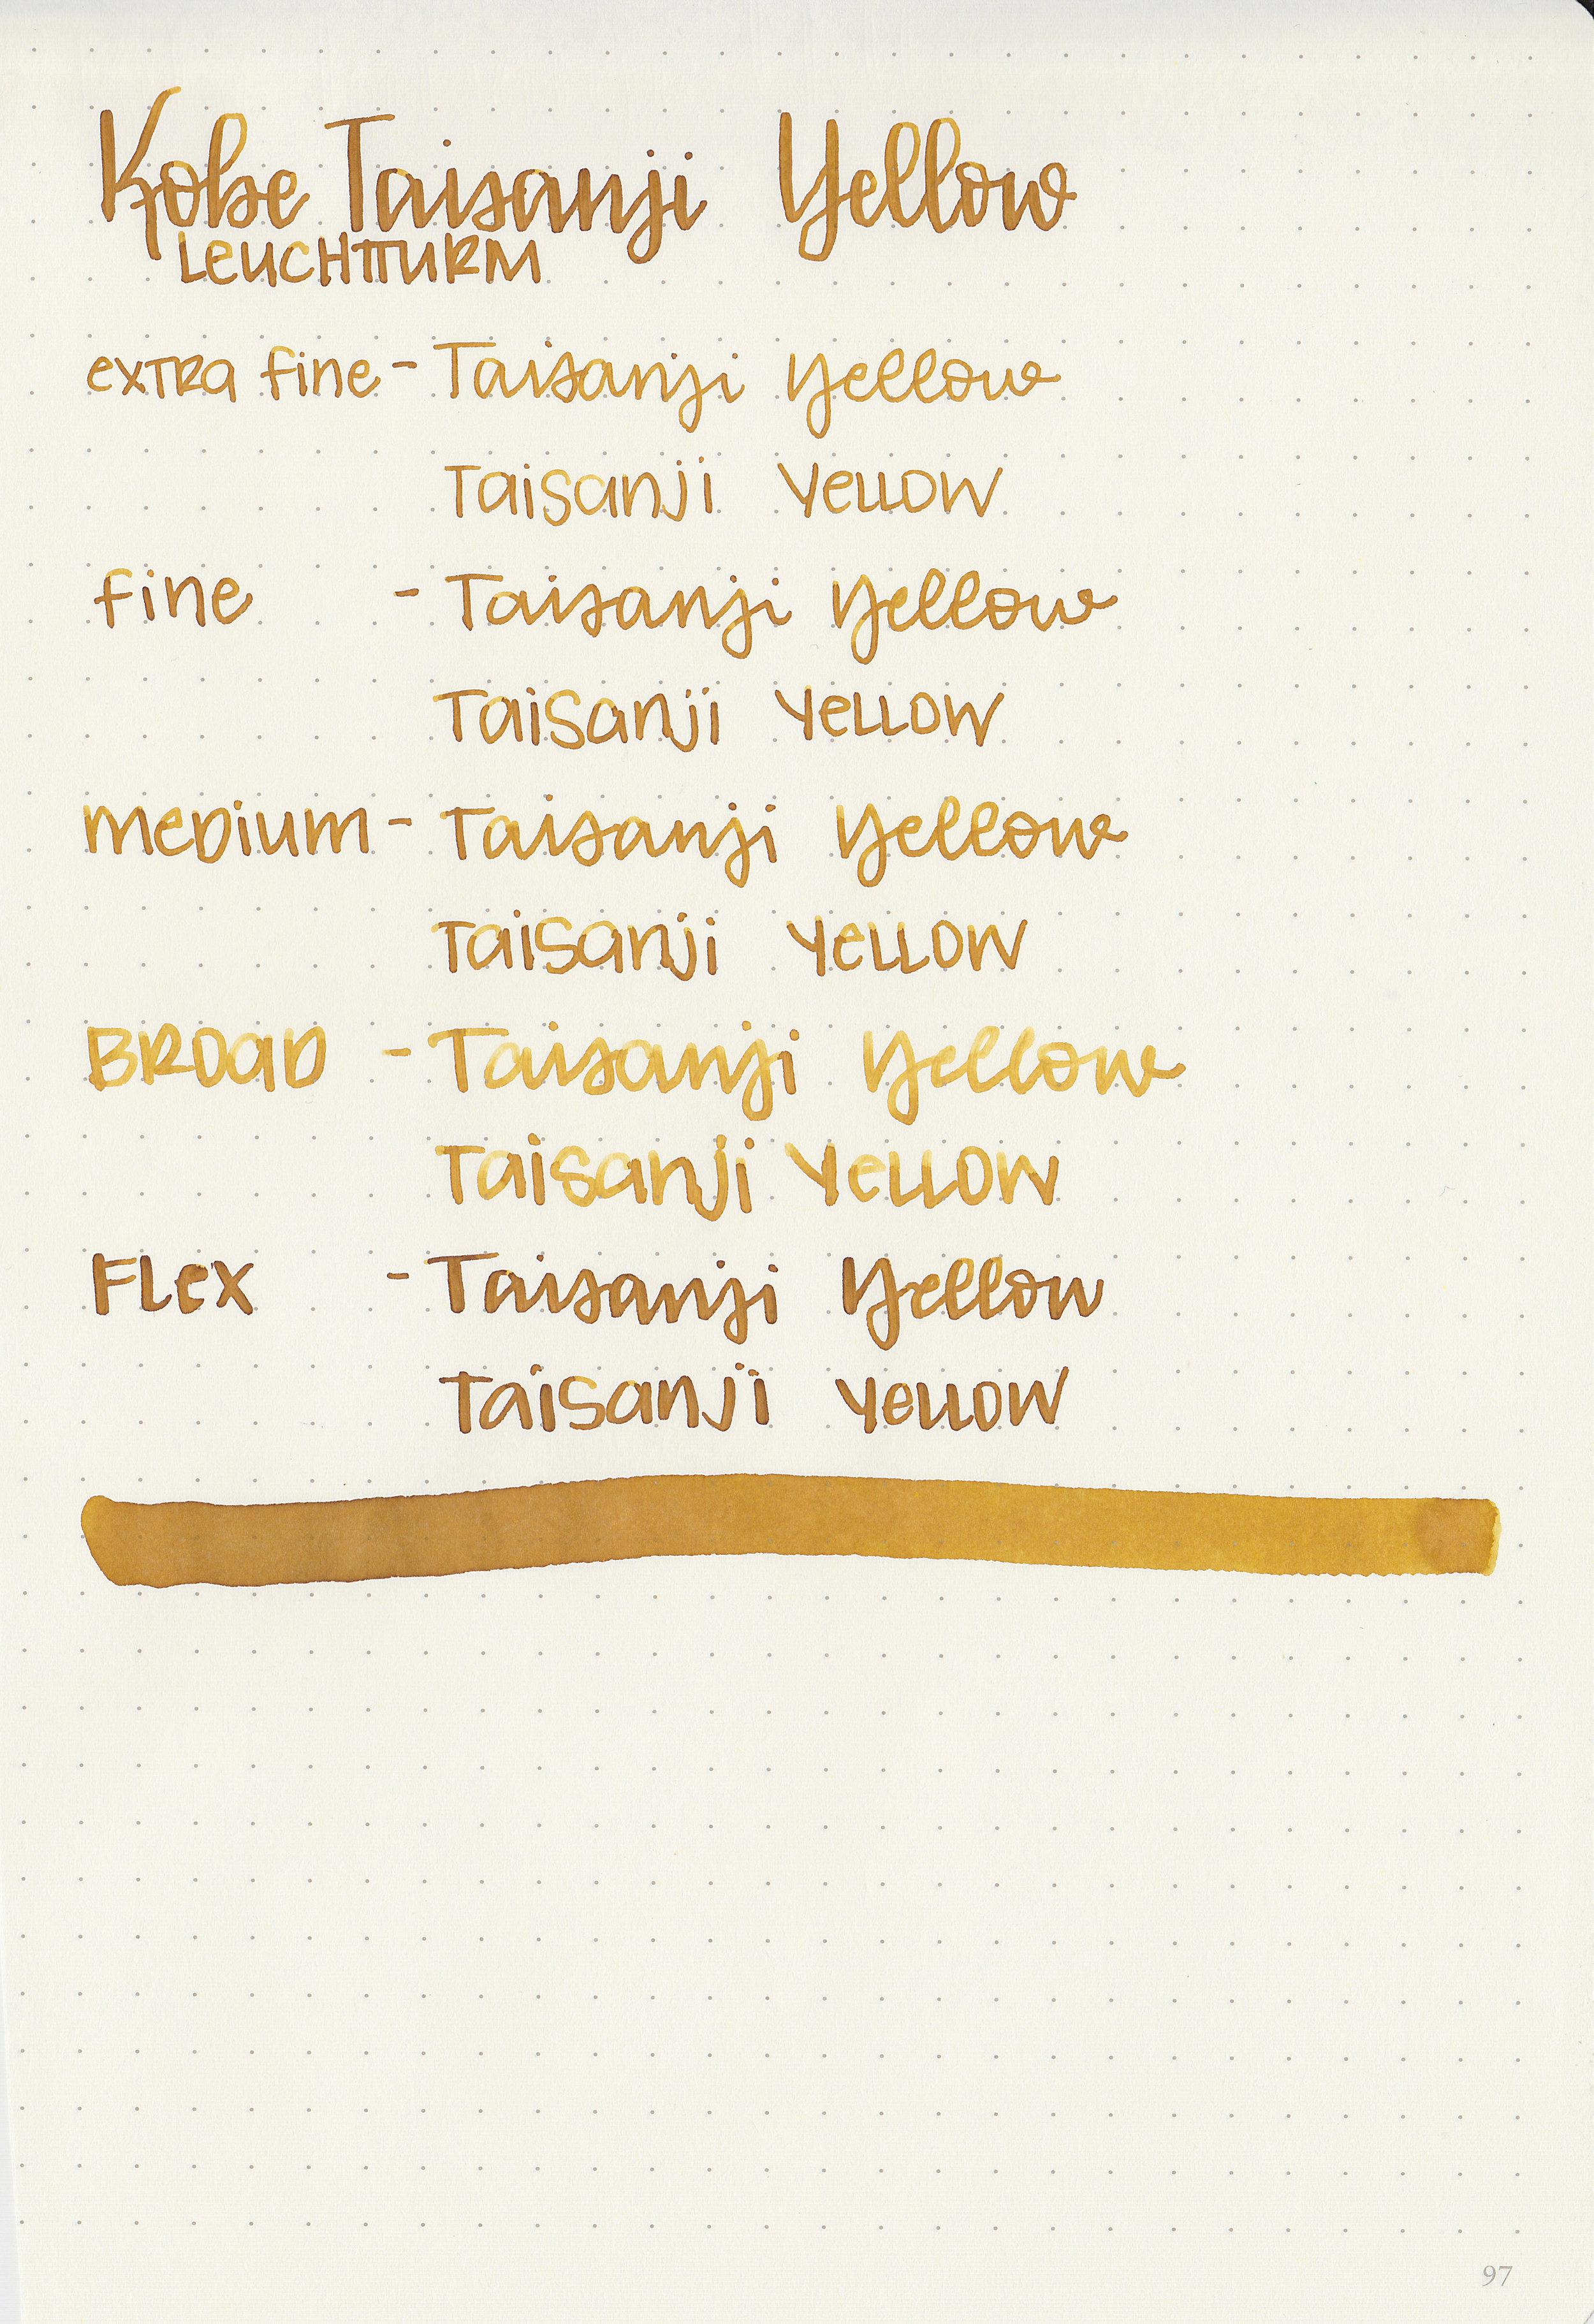 nk-taisanji-yellow-9.jpg